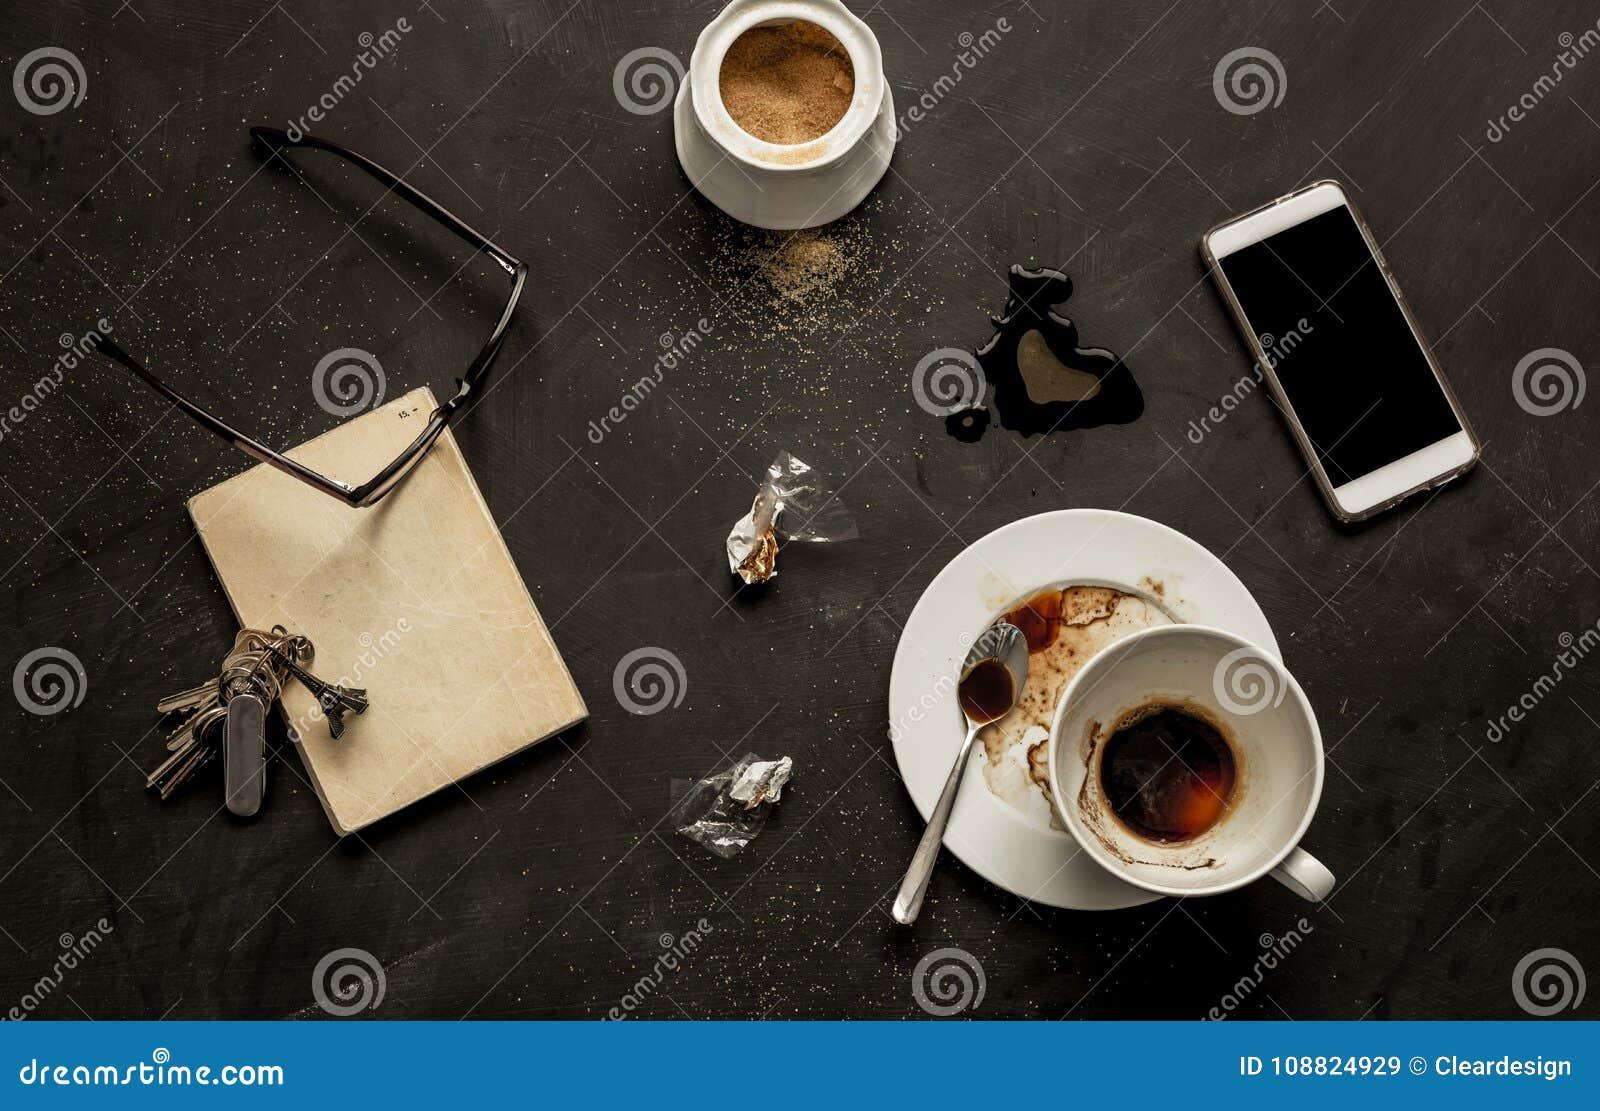 Tavola nera del caffè - tazza di caffè e smartphone vuoti